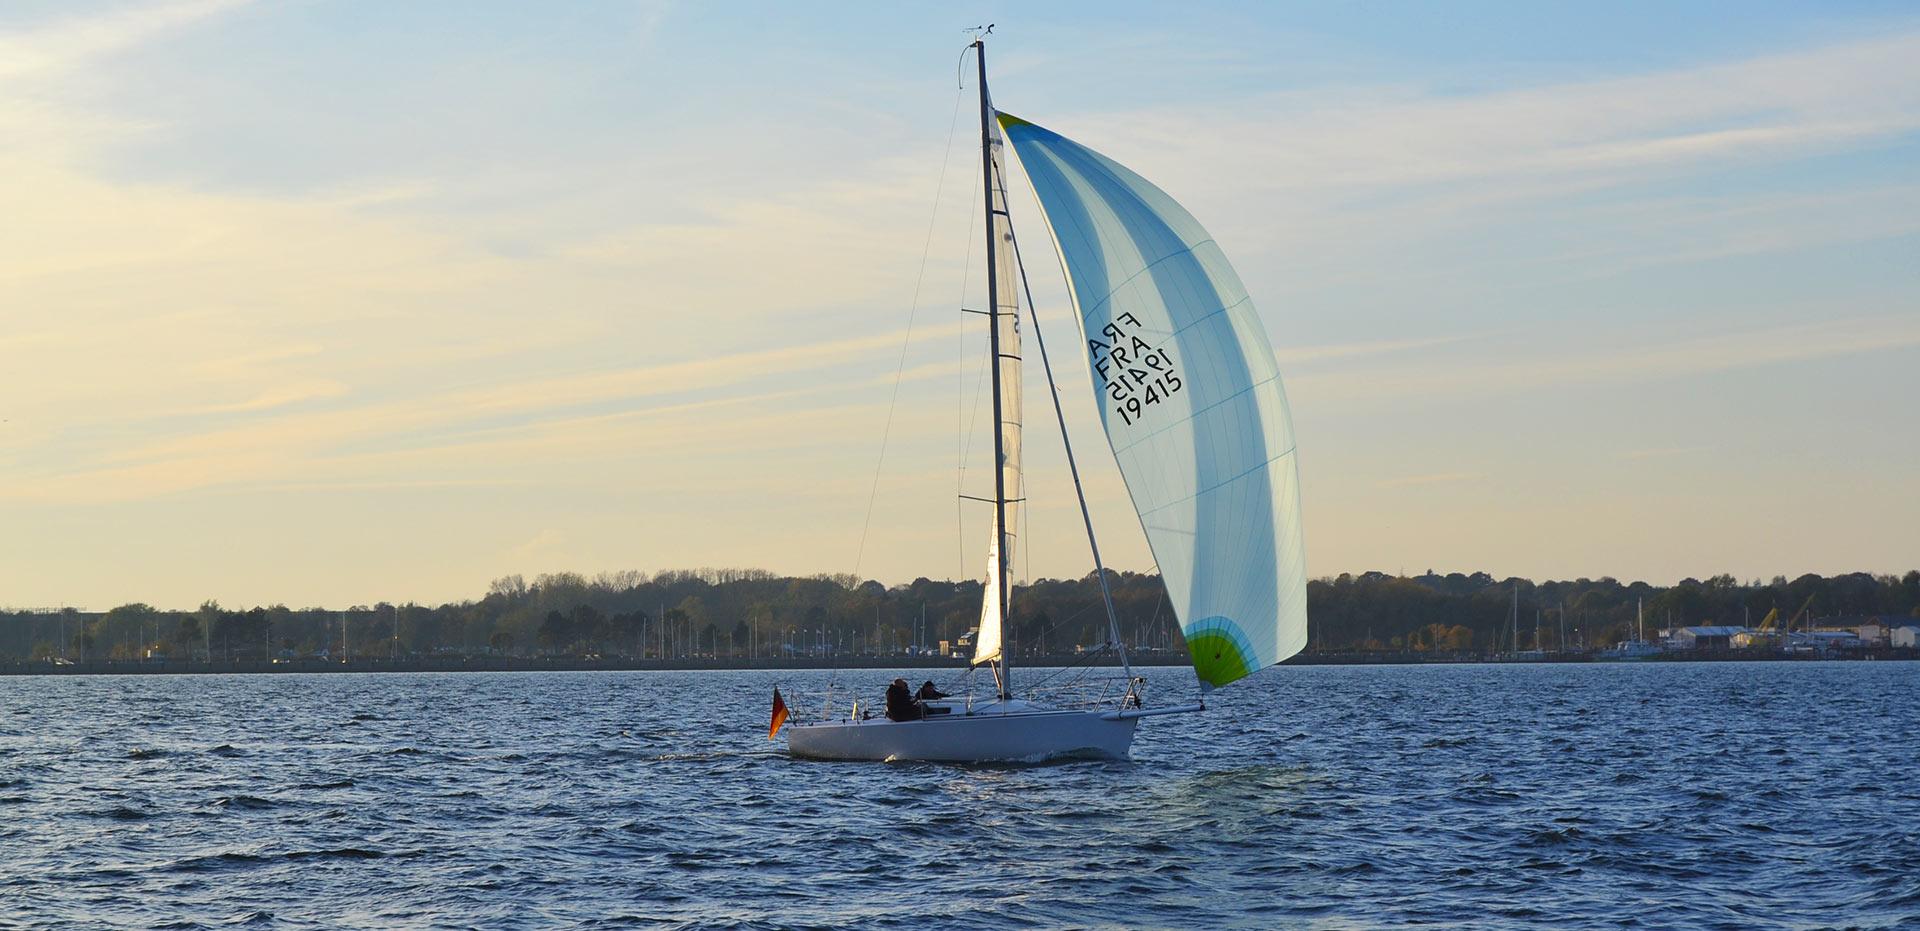 J80 Sailboat Action |